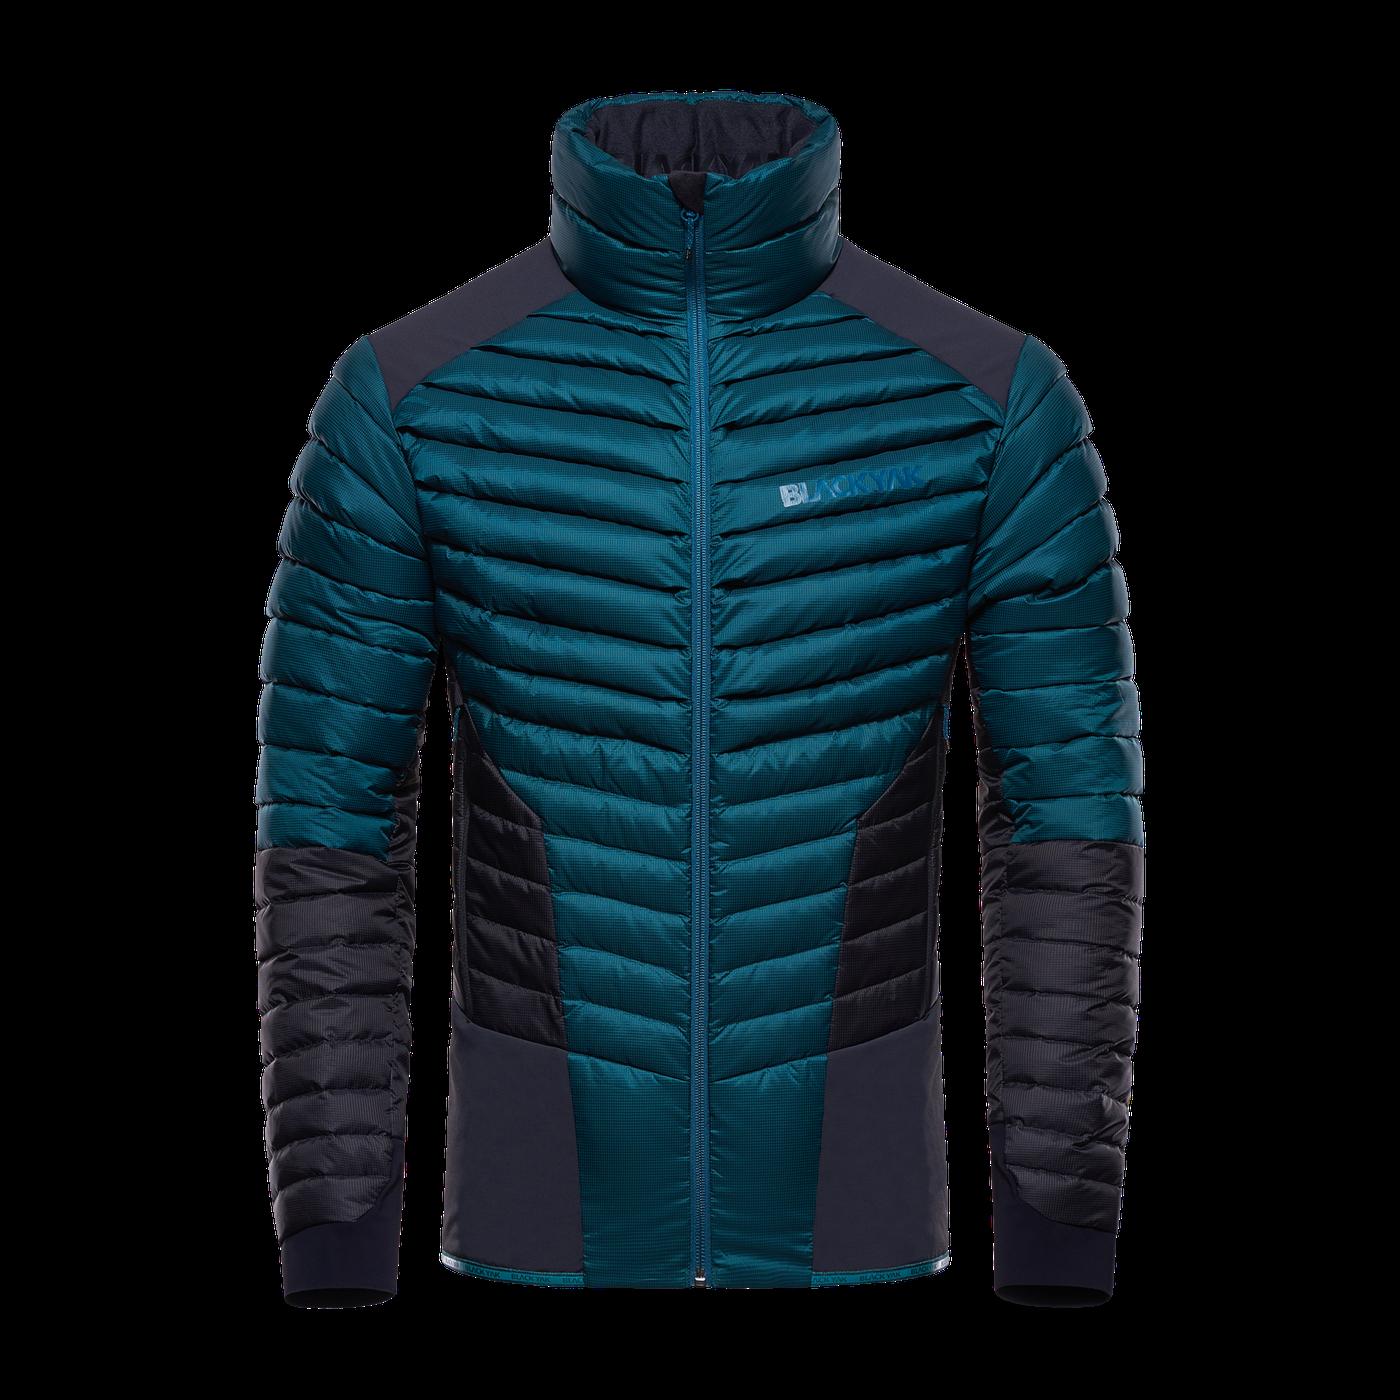 Hybrid Jacket Deap Teal Front Pas7001 Bergwelten